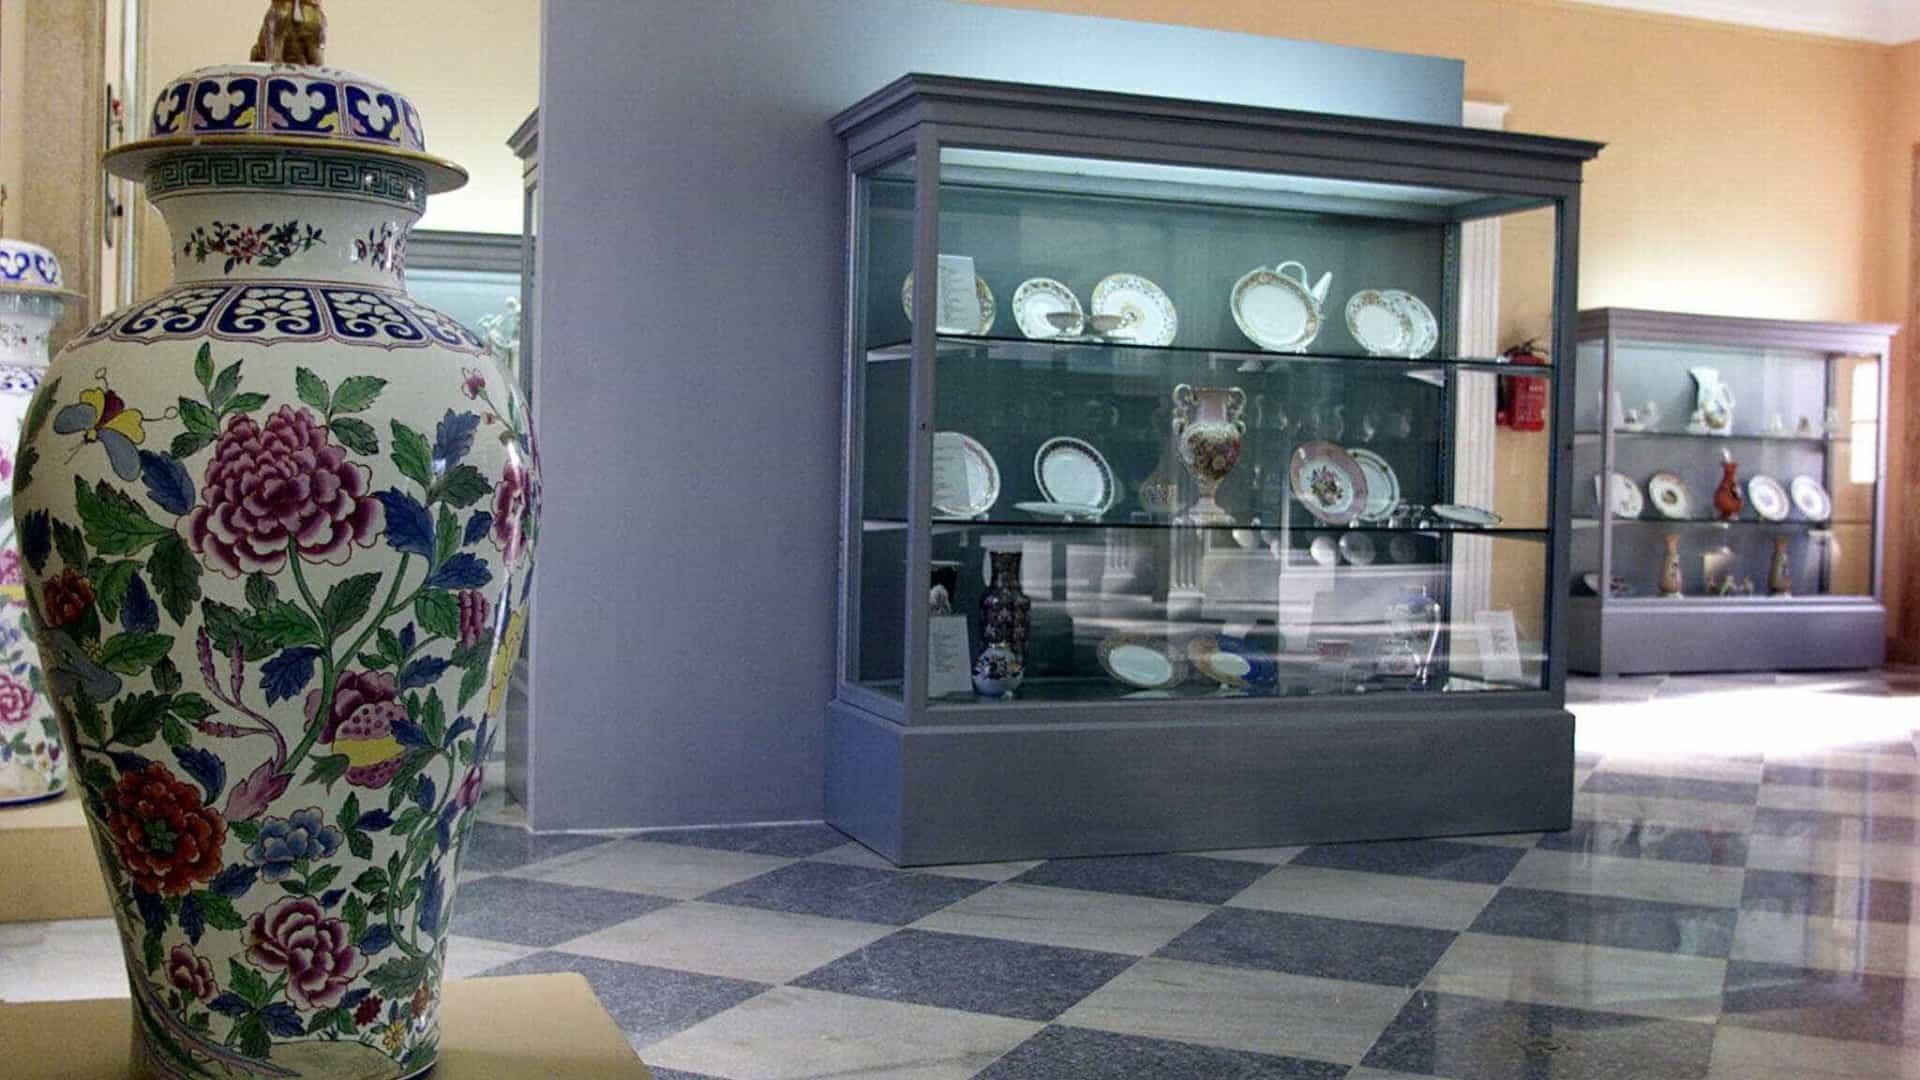 Portuguese Luxury Brands: Discover Vista Alegre's History portuguese luxury brands Portuguese Luxury Brands: Discover Vista Alegre's History 2542180